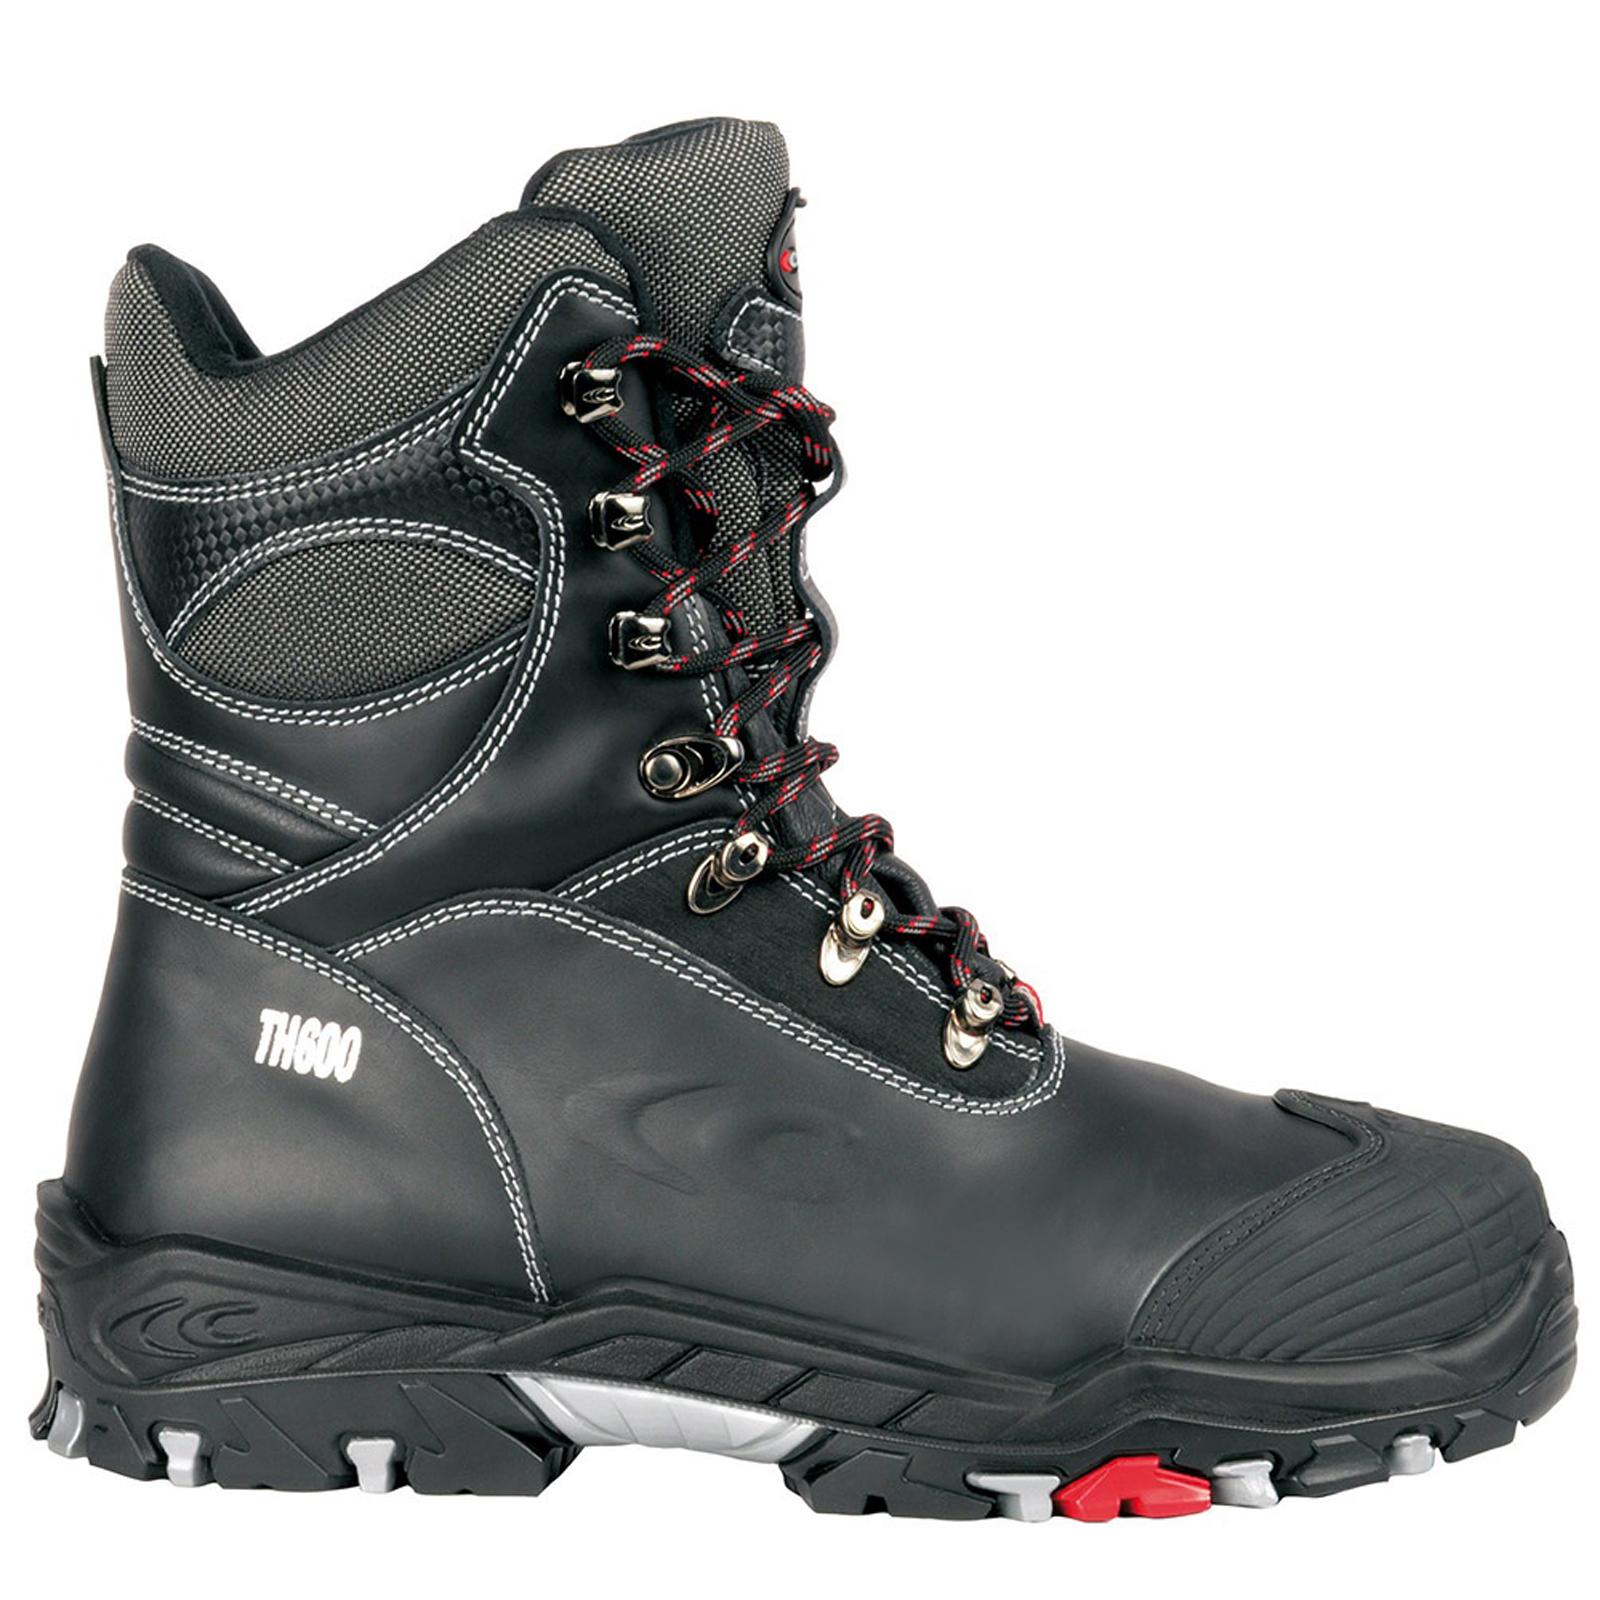 énorme réduction 6d61f 6c2bb chaussure de securite hiver timberland,chaussure de securite ...